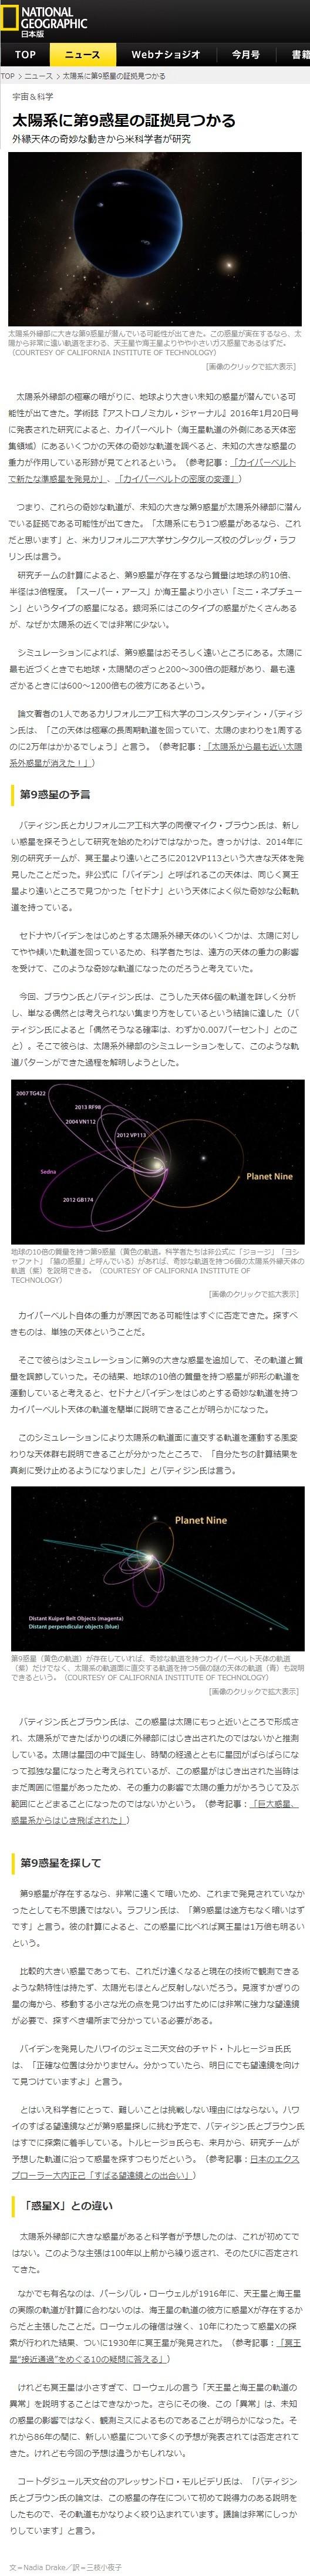 太陽系第九惑星の証拠見つかる